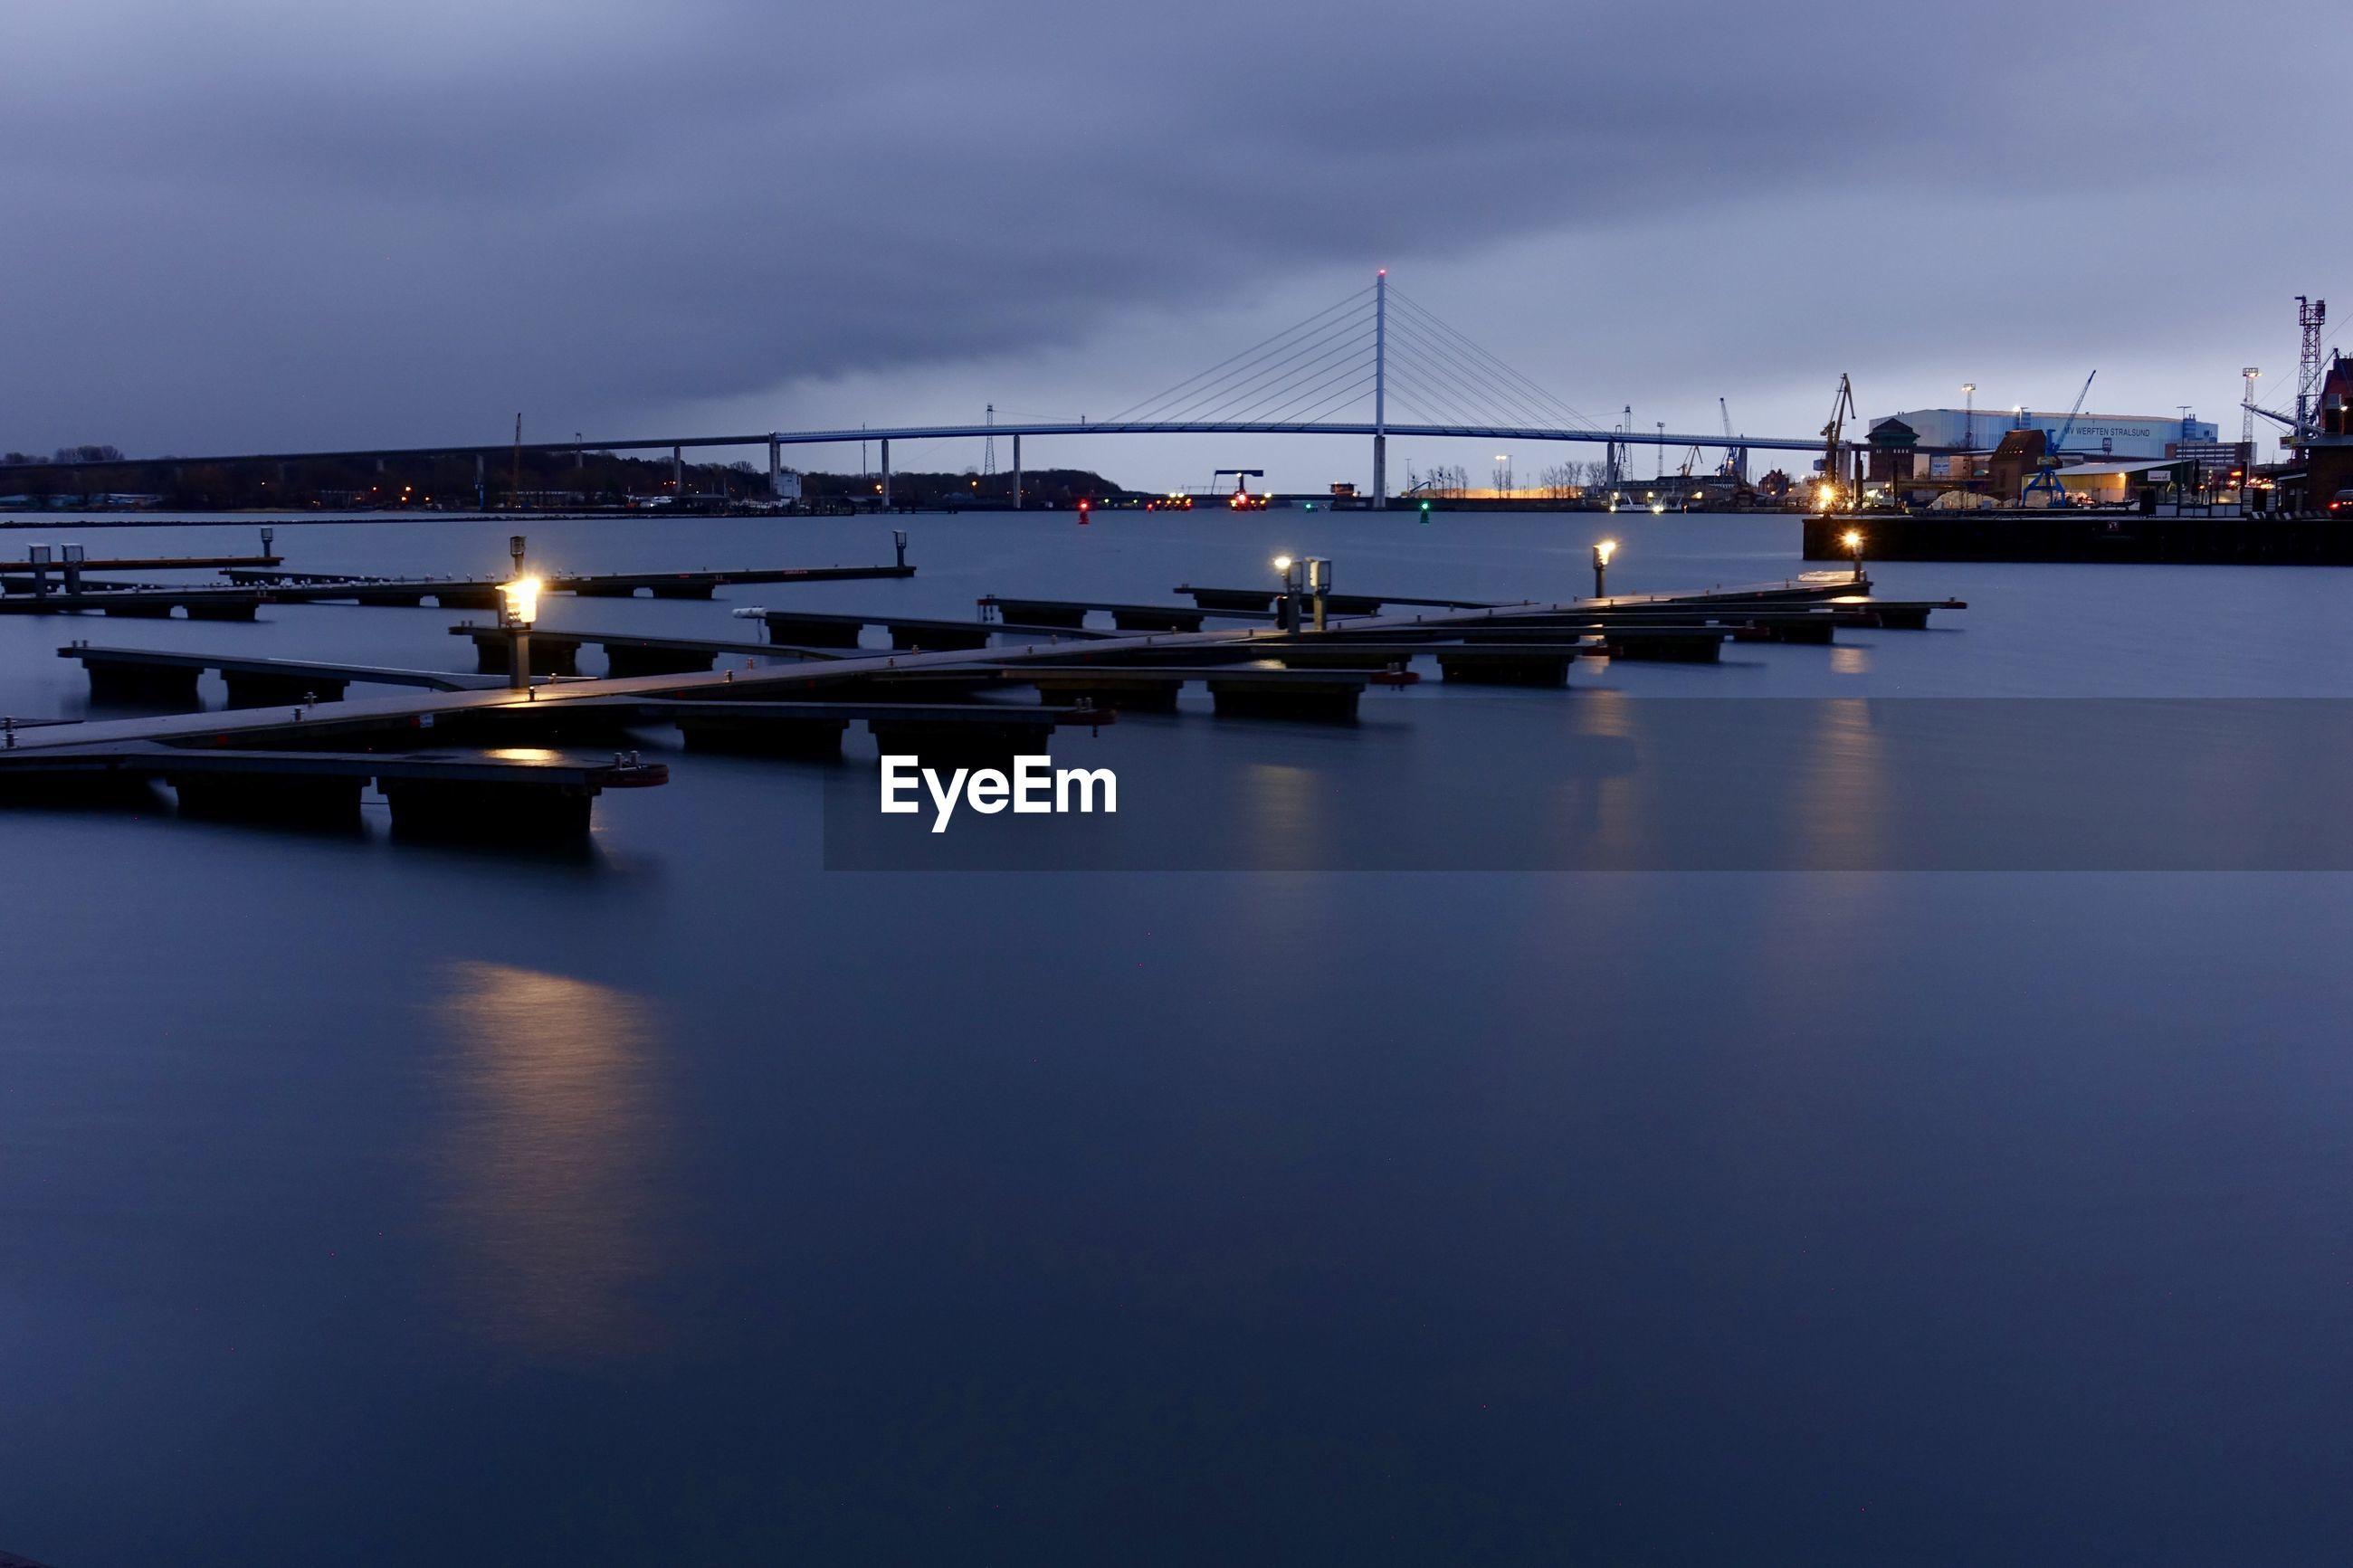 SUSPENSION BRIDGE OVER SEA AGAINST SKY